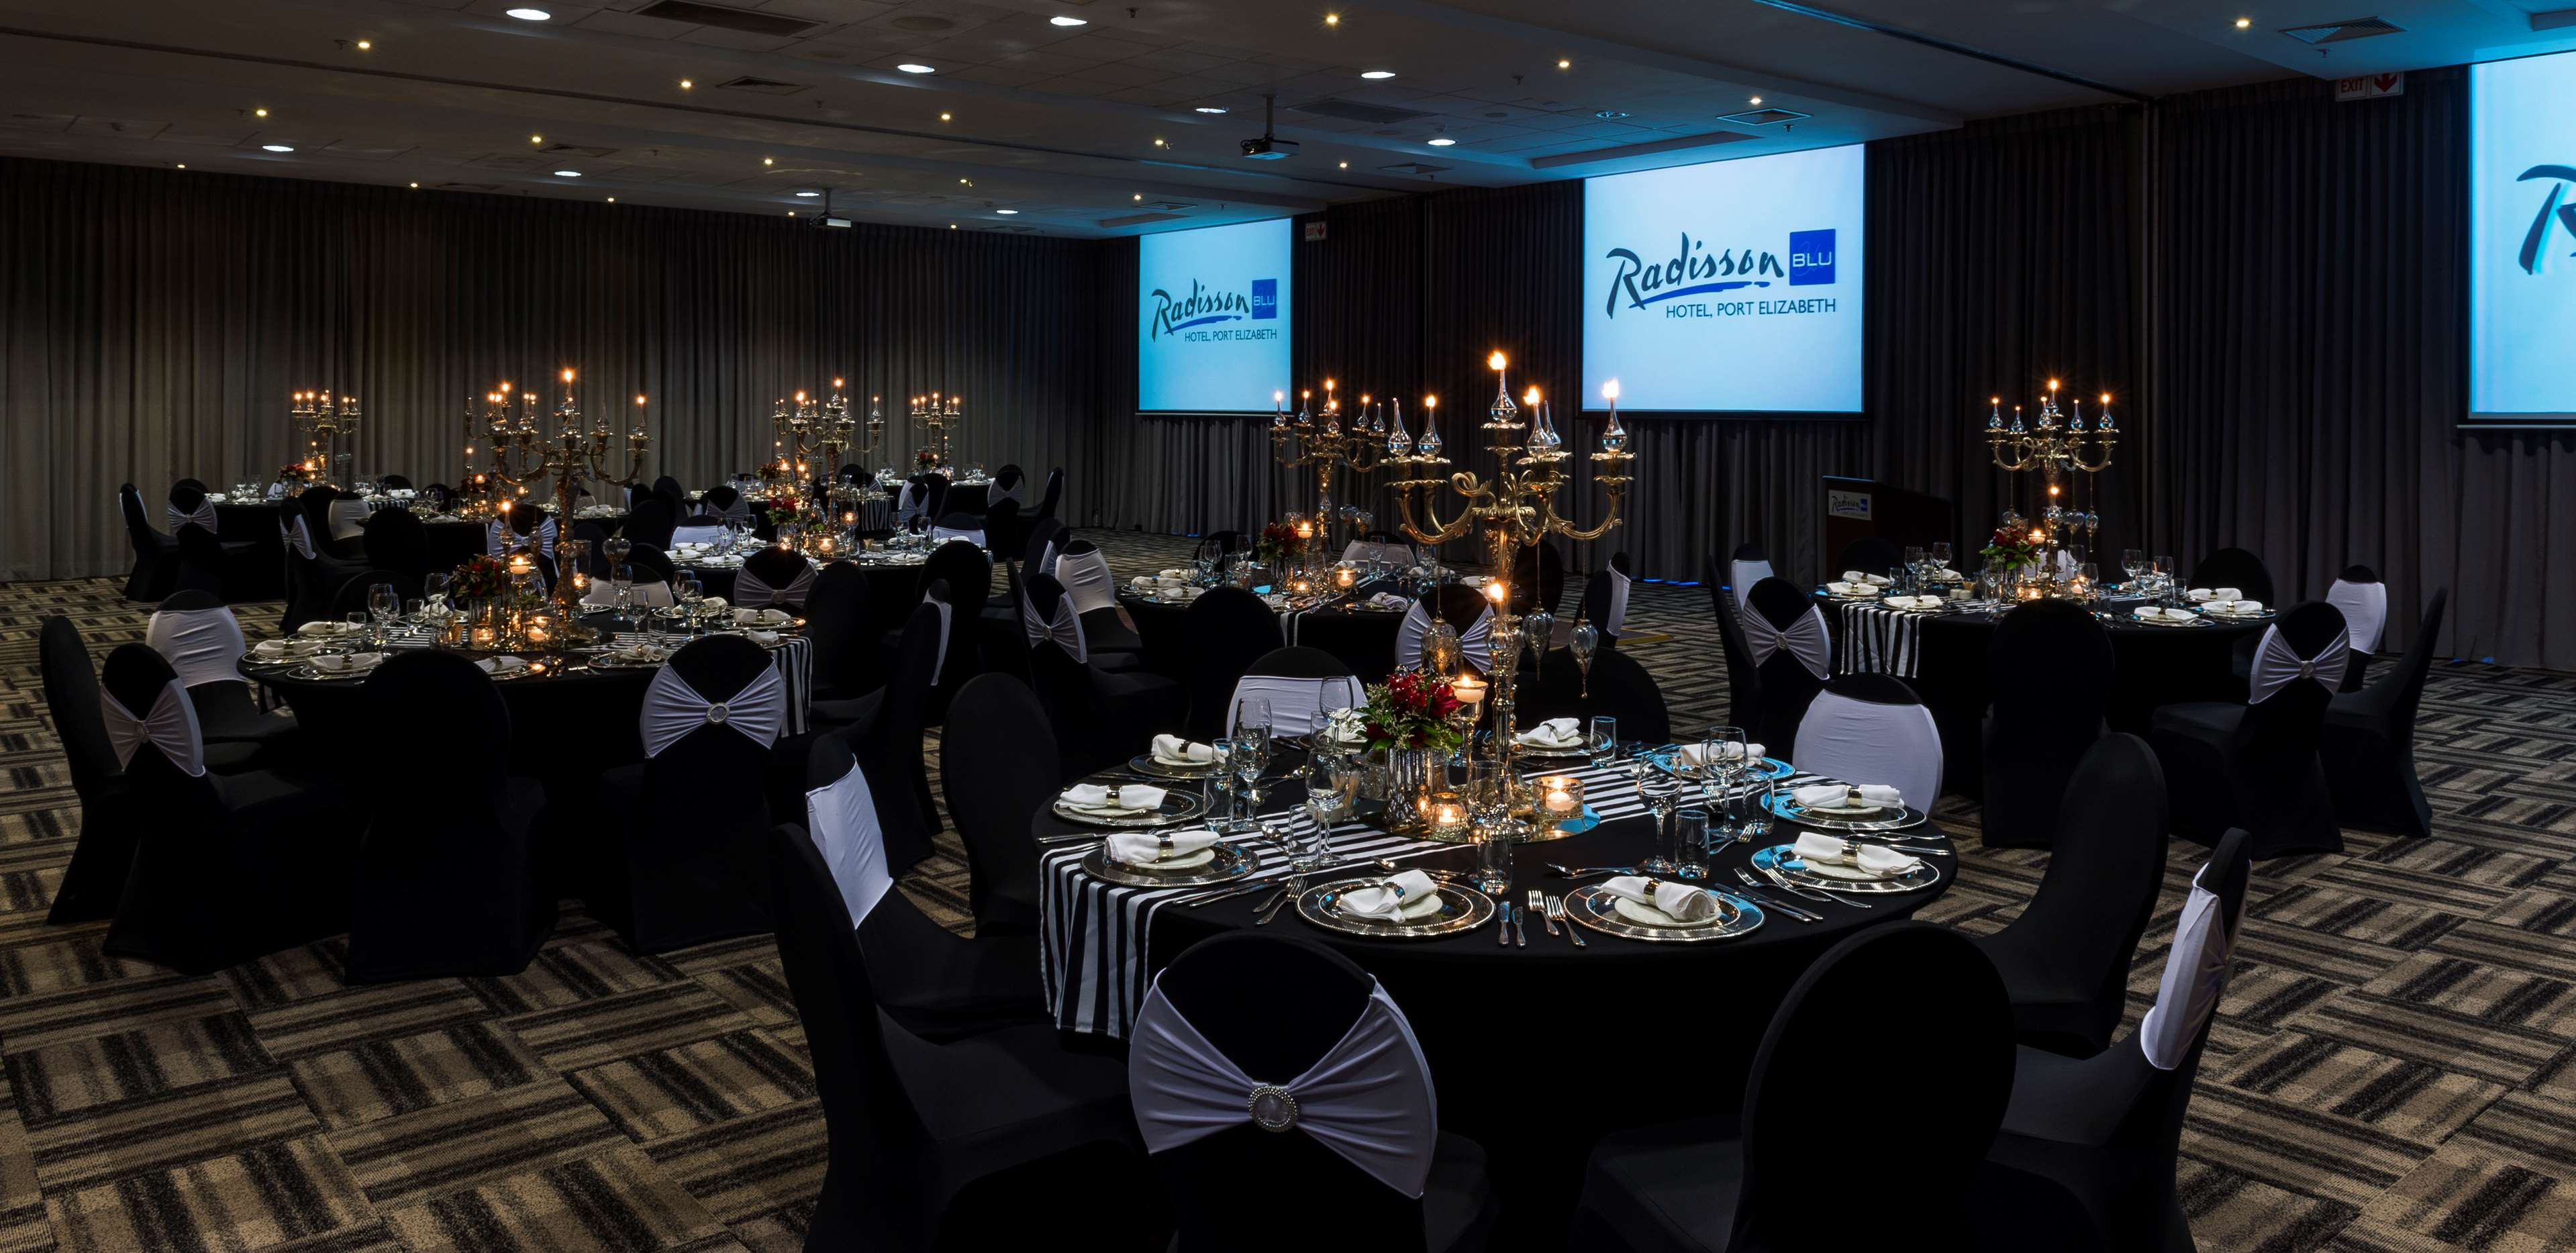 Radisson Blu Hotel, Port Elizabeth